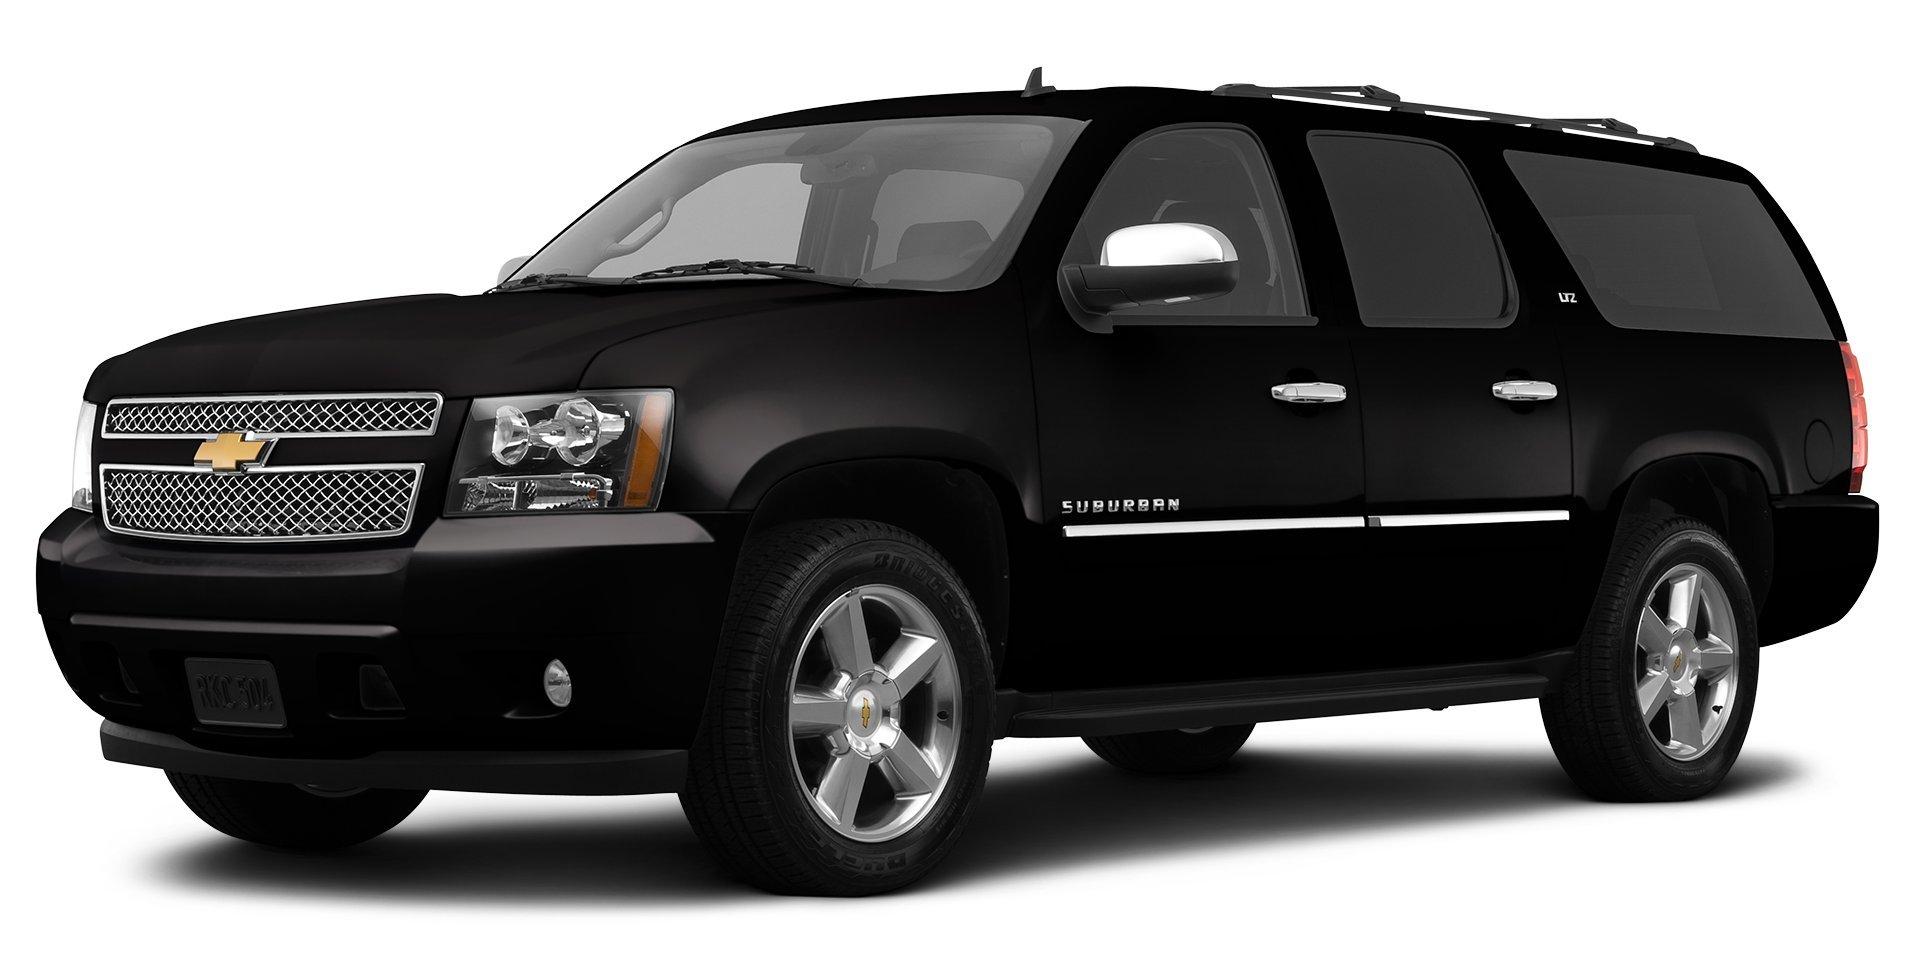 2013 chevrolet suburban 2500 ls 2 wheel drive 4 door 2500